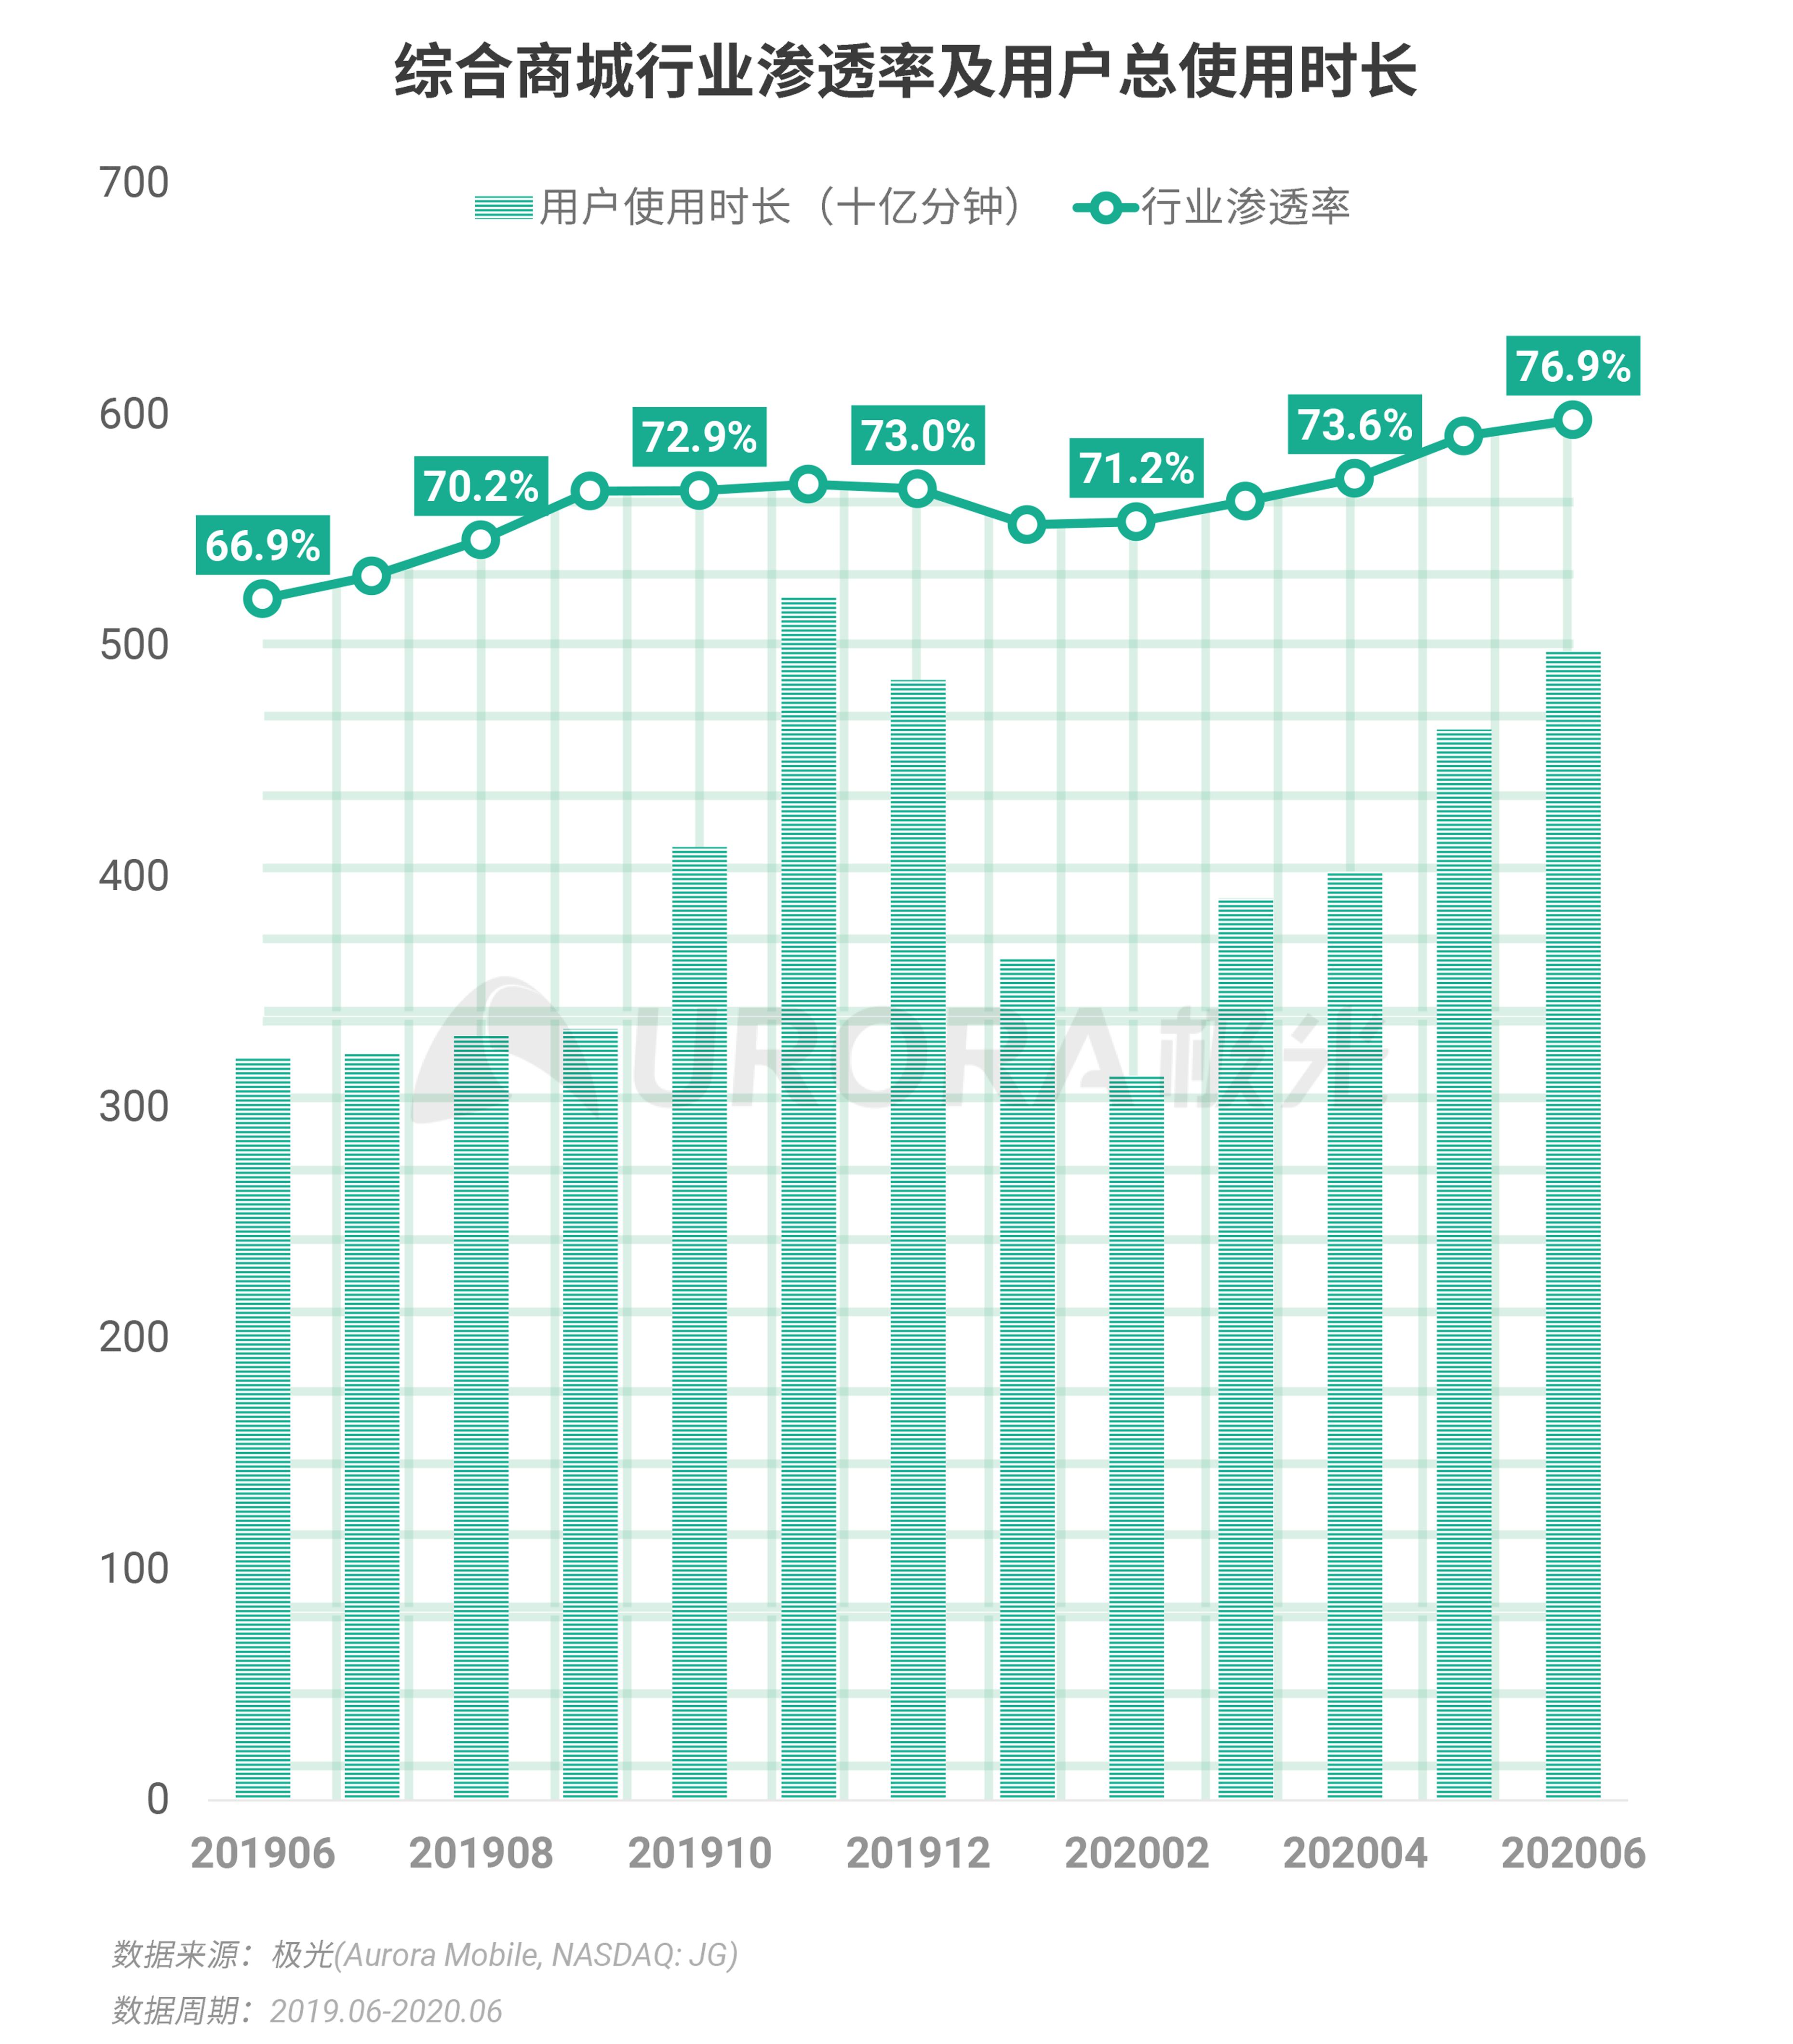 极光:2020Q2互联网行业数据研究报告 (19).png